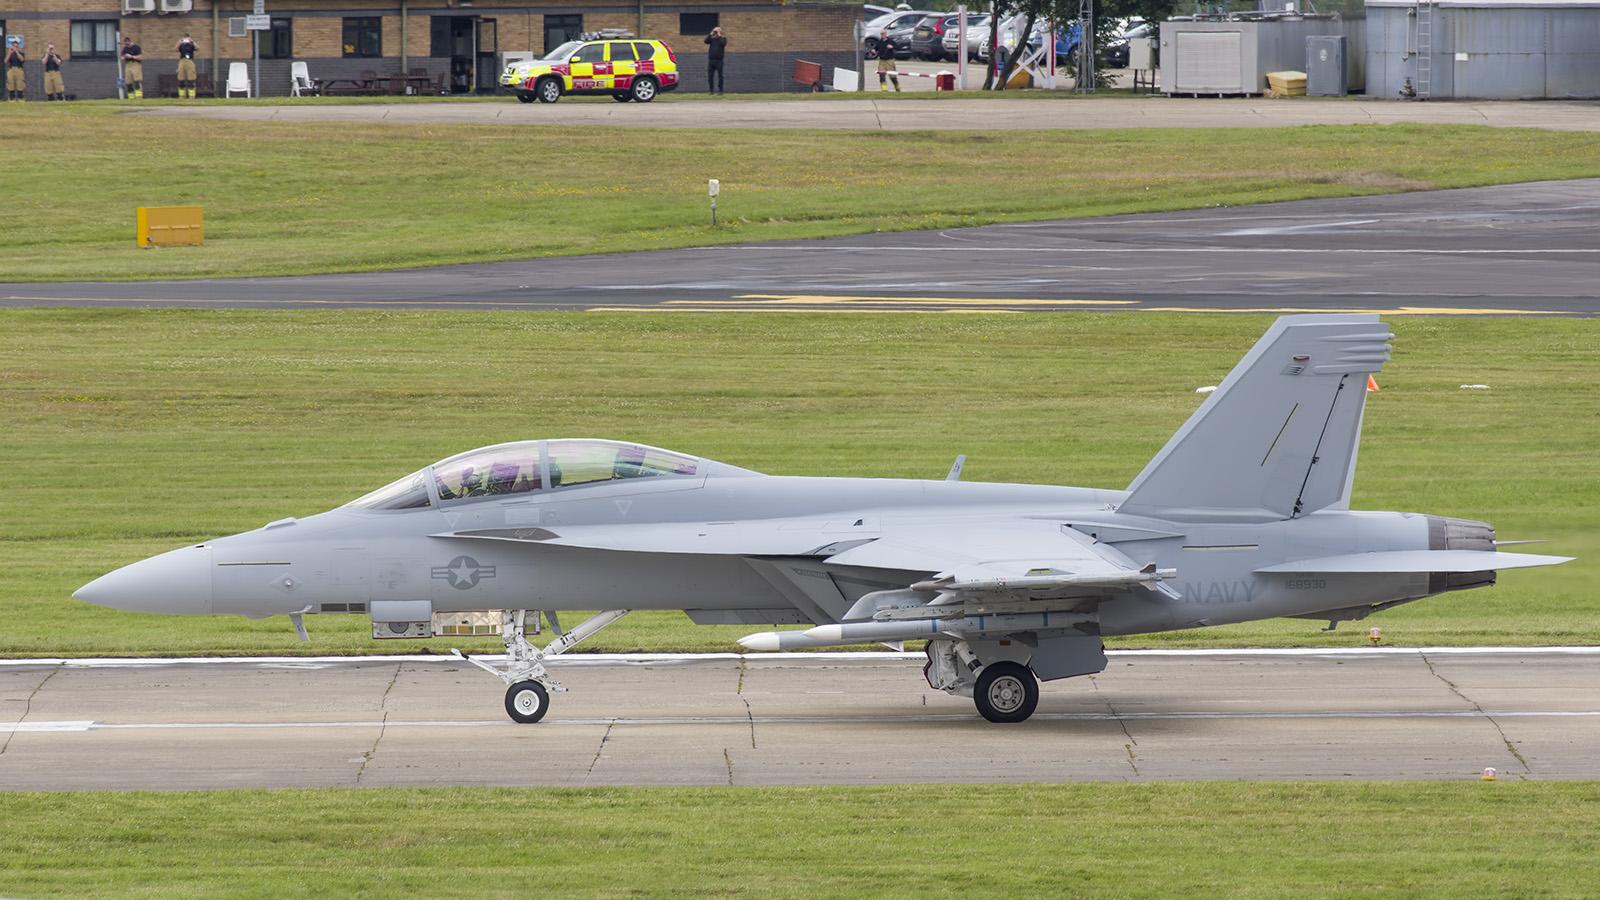 _IMG5709 Boeing FA-18F Super Hornet 168930 US Navy s